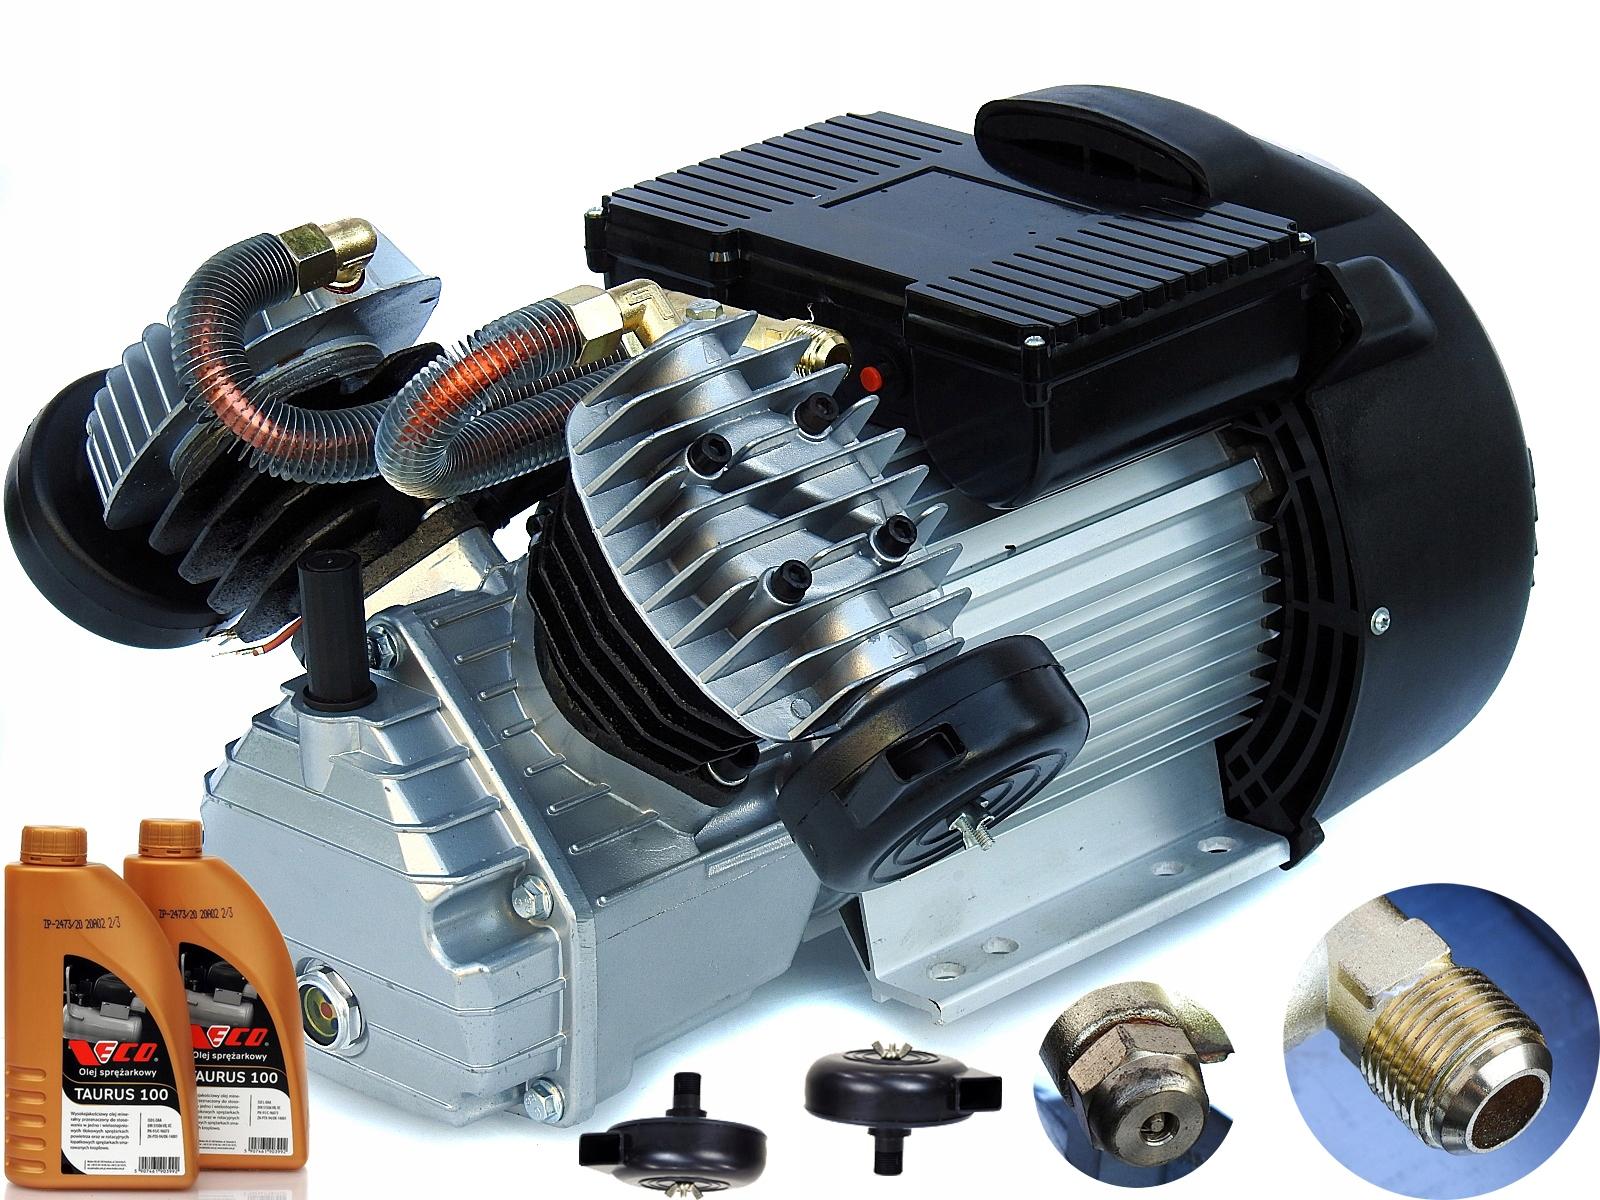 SPRĘŻARKA Zs41 kompresor olejowy pompa V2+SILNIK